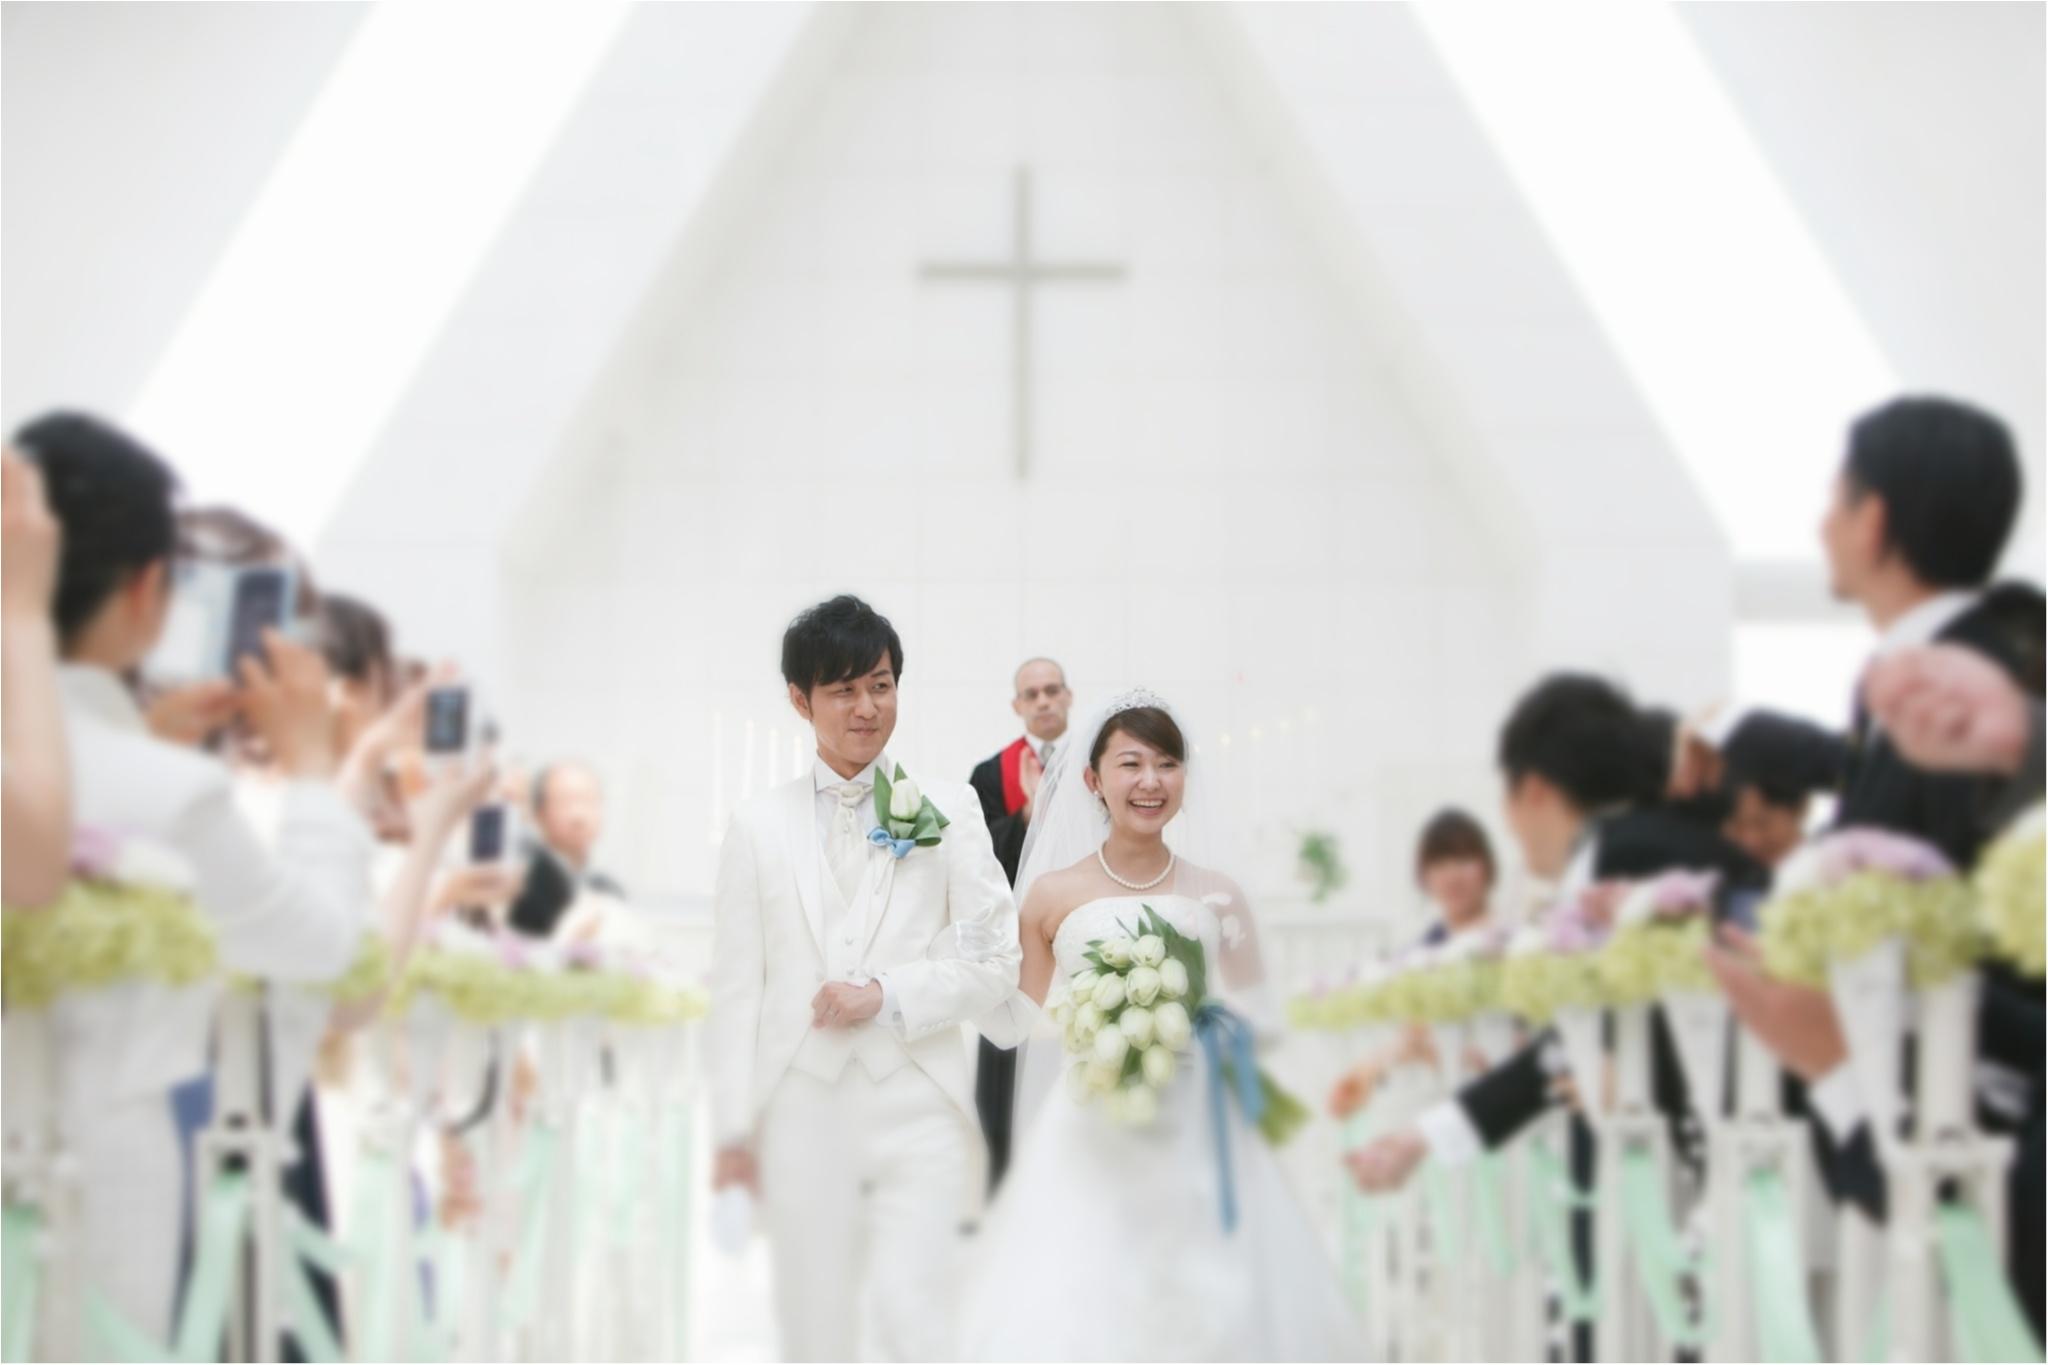 【2】都心のど真ん中で独立型チャペルでの挙式が叶う!#さち婚_16